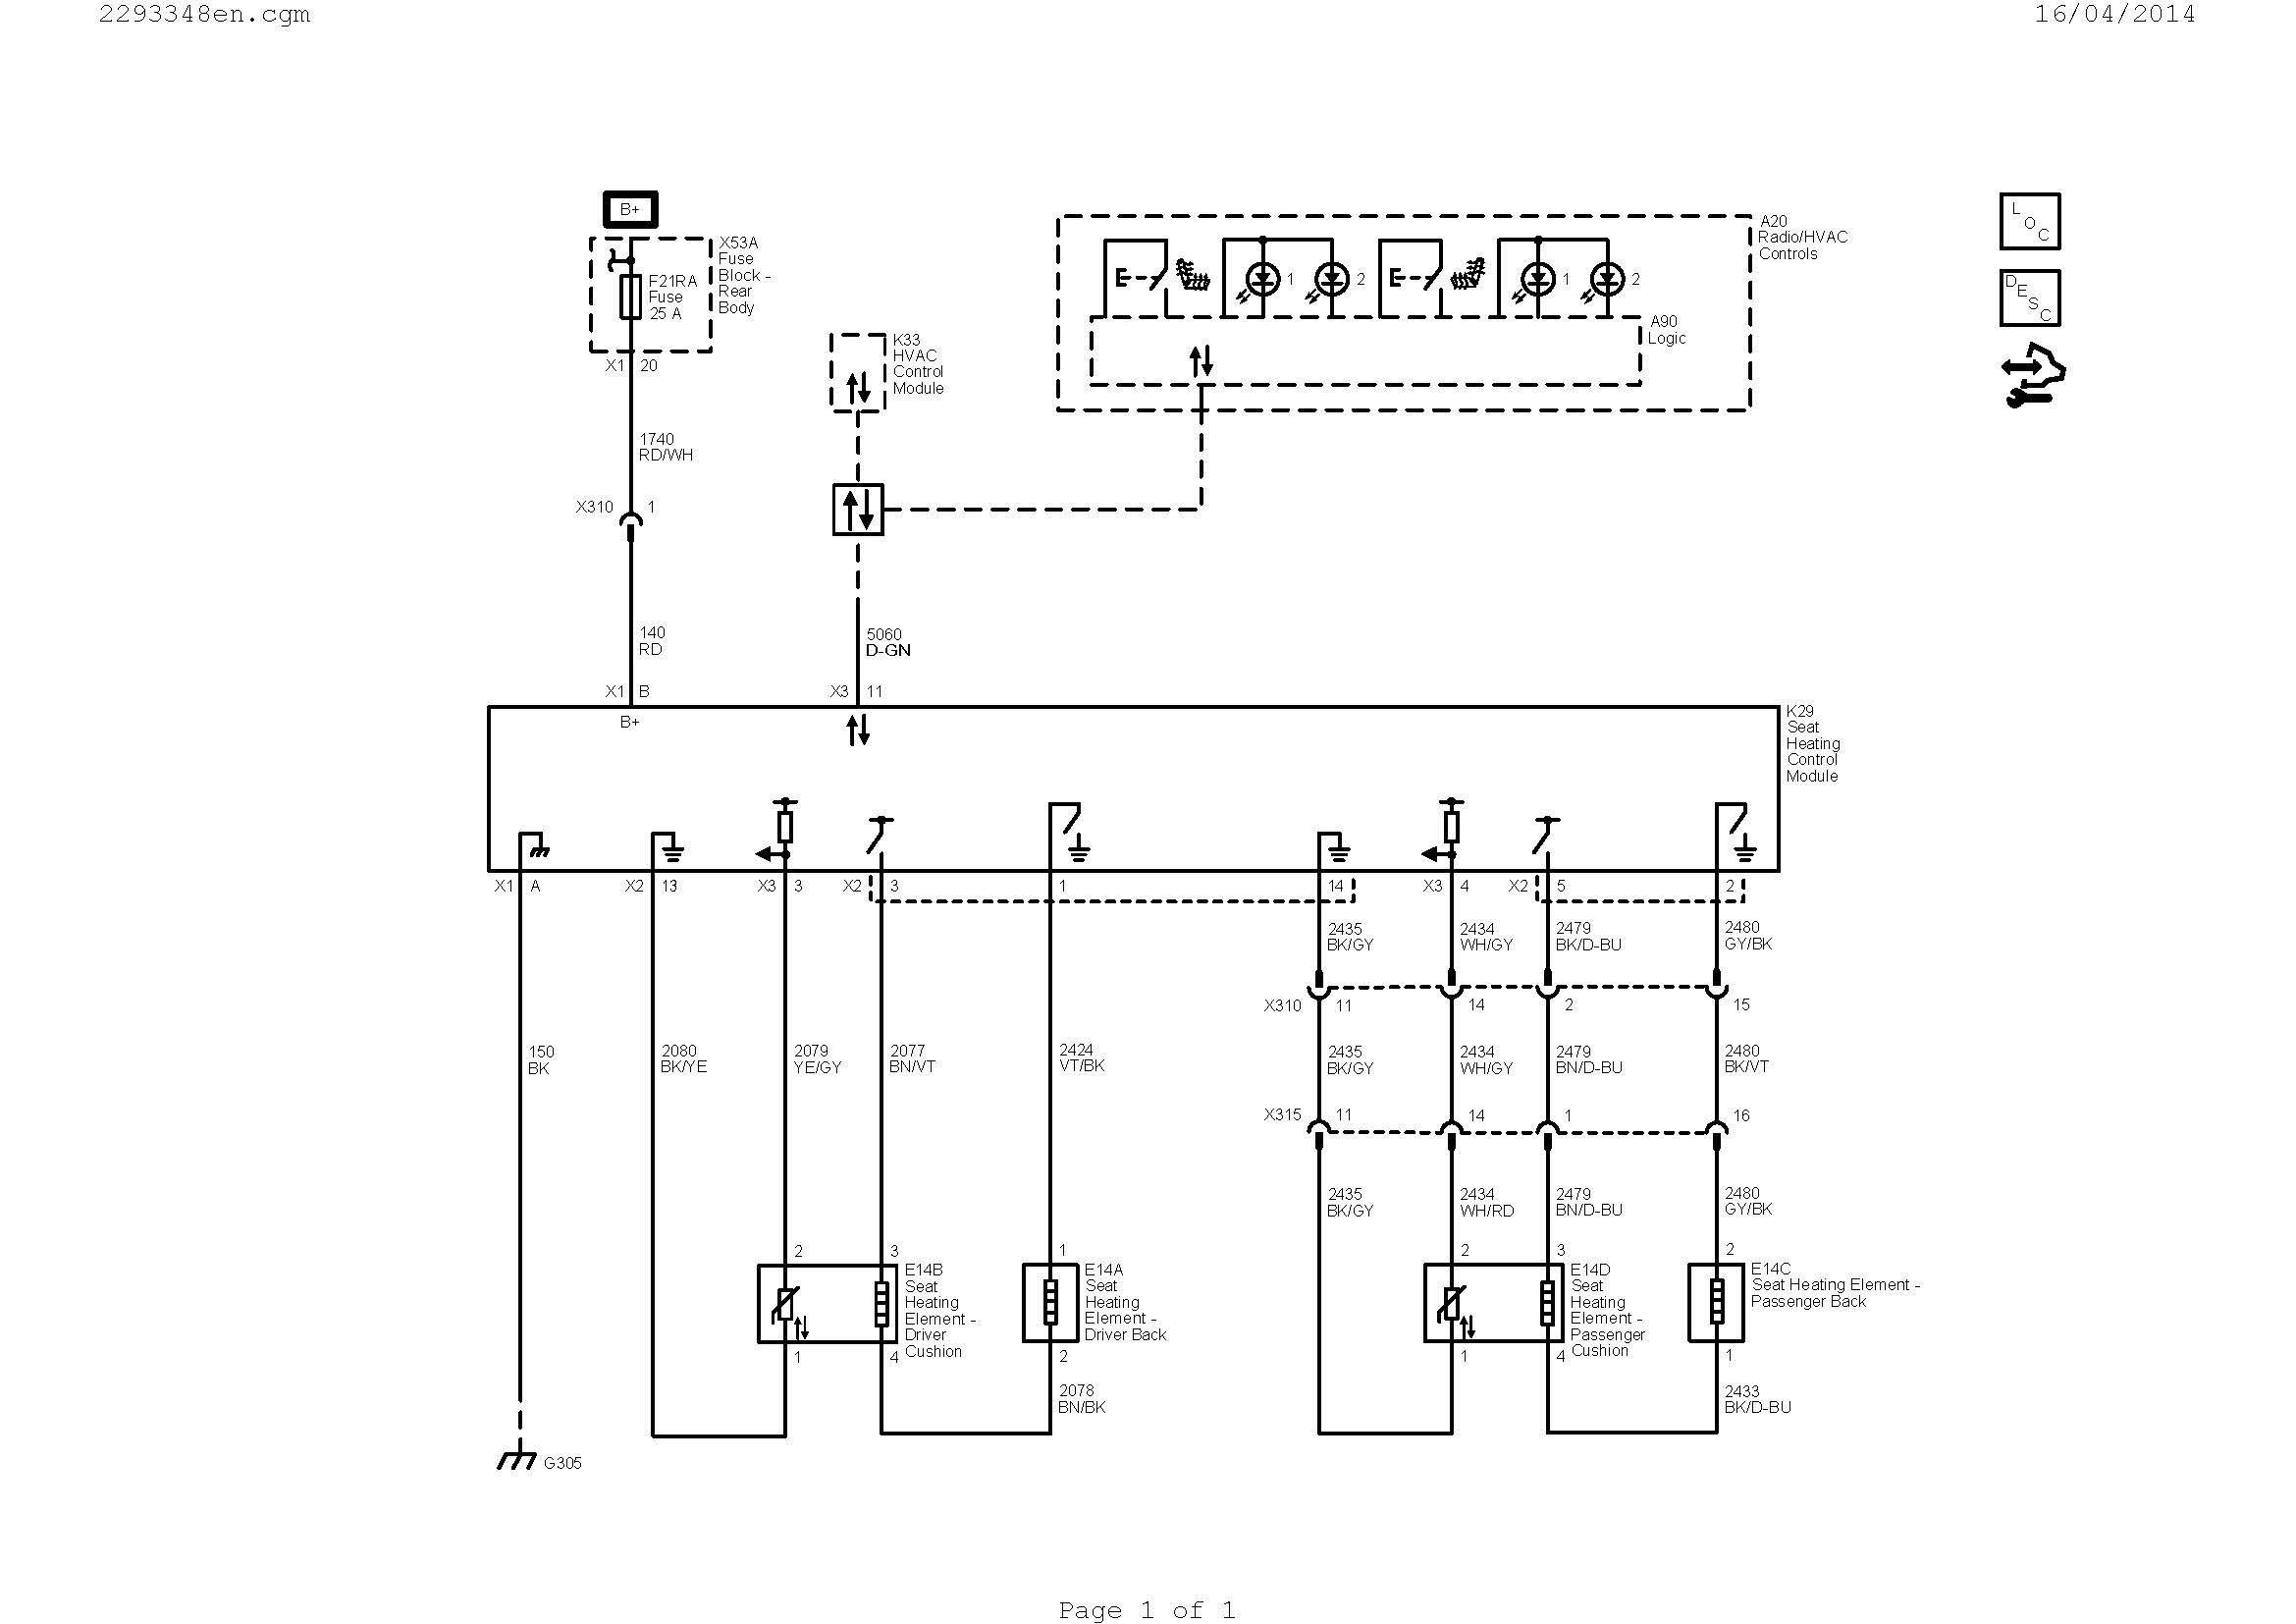 Traffic Signal Wiring Diagram